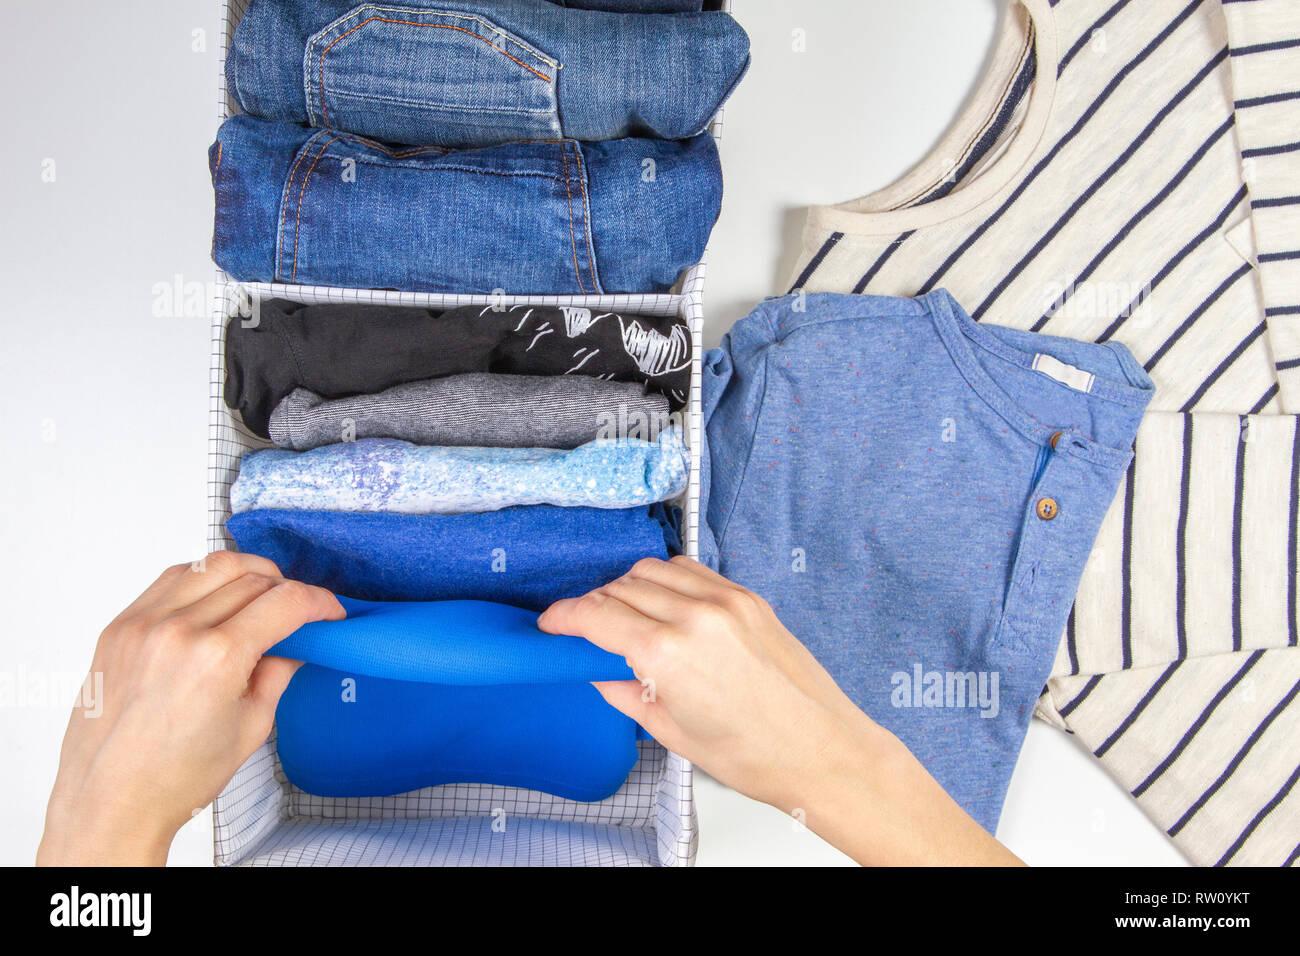 Mujer manos asear la ropa para niños en el canasto. Almacenamiento vertical  de ropa c8cd7a93d61